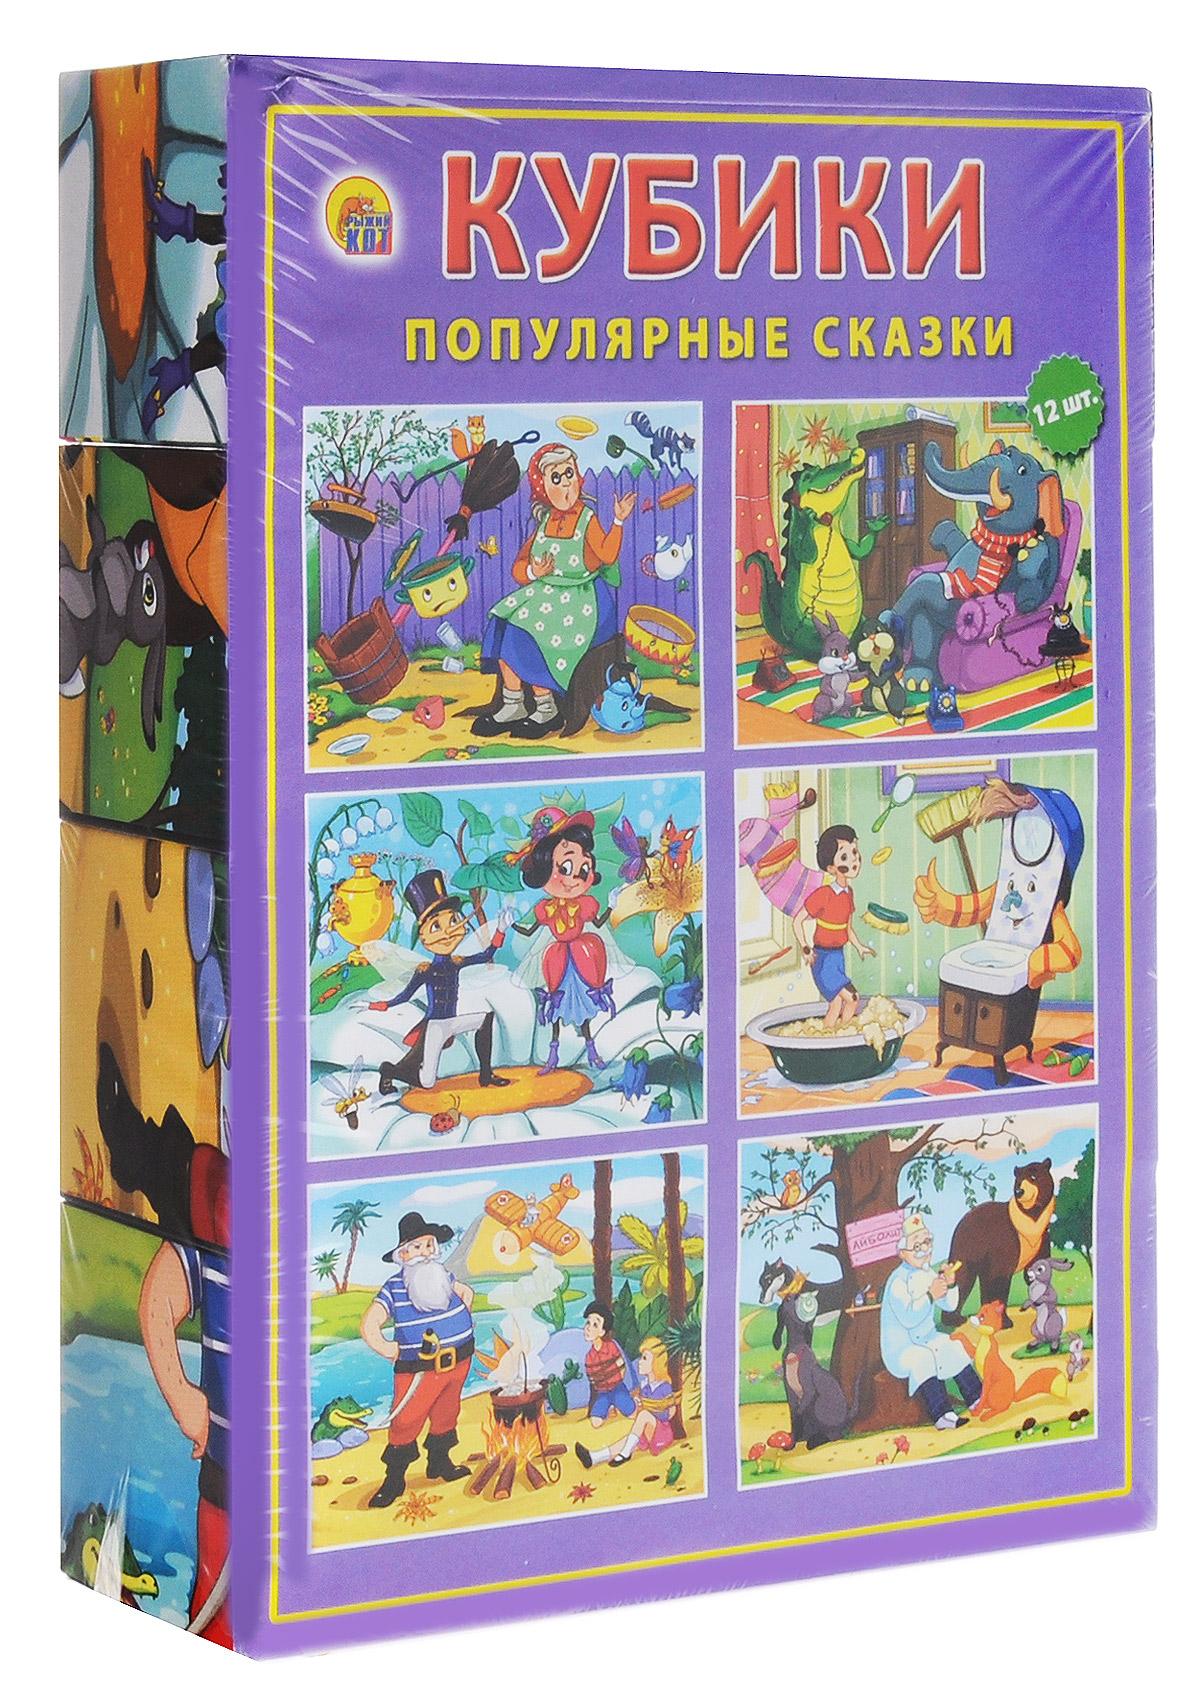 Рыжий Кот Кубики Популярные сказки 12 штК12-3013Кубики Популярные сказки включают в себя 12 кубиков, на гранях которых изображены герои популярных отечественных сказок. Кубики дадут возможность вашему малышу сложить красочные картинки с любимыми героями. Кубики выполнены из прочного безопасного пластика. Они очень приятные на ощупь, их грани идеально ровные, малышу непременно понравится держать их в руках, рассматривать и строить из них различные конструкции. Игры с кубиками развивают мелкую моторику рук, цветовое восприятие и пространственное мышление.